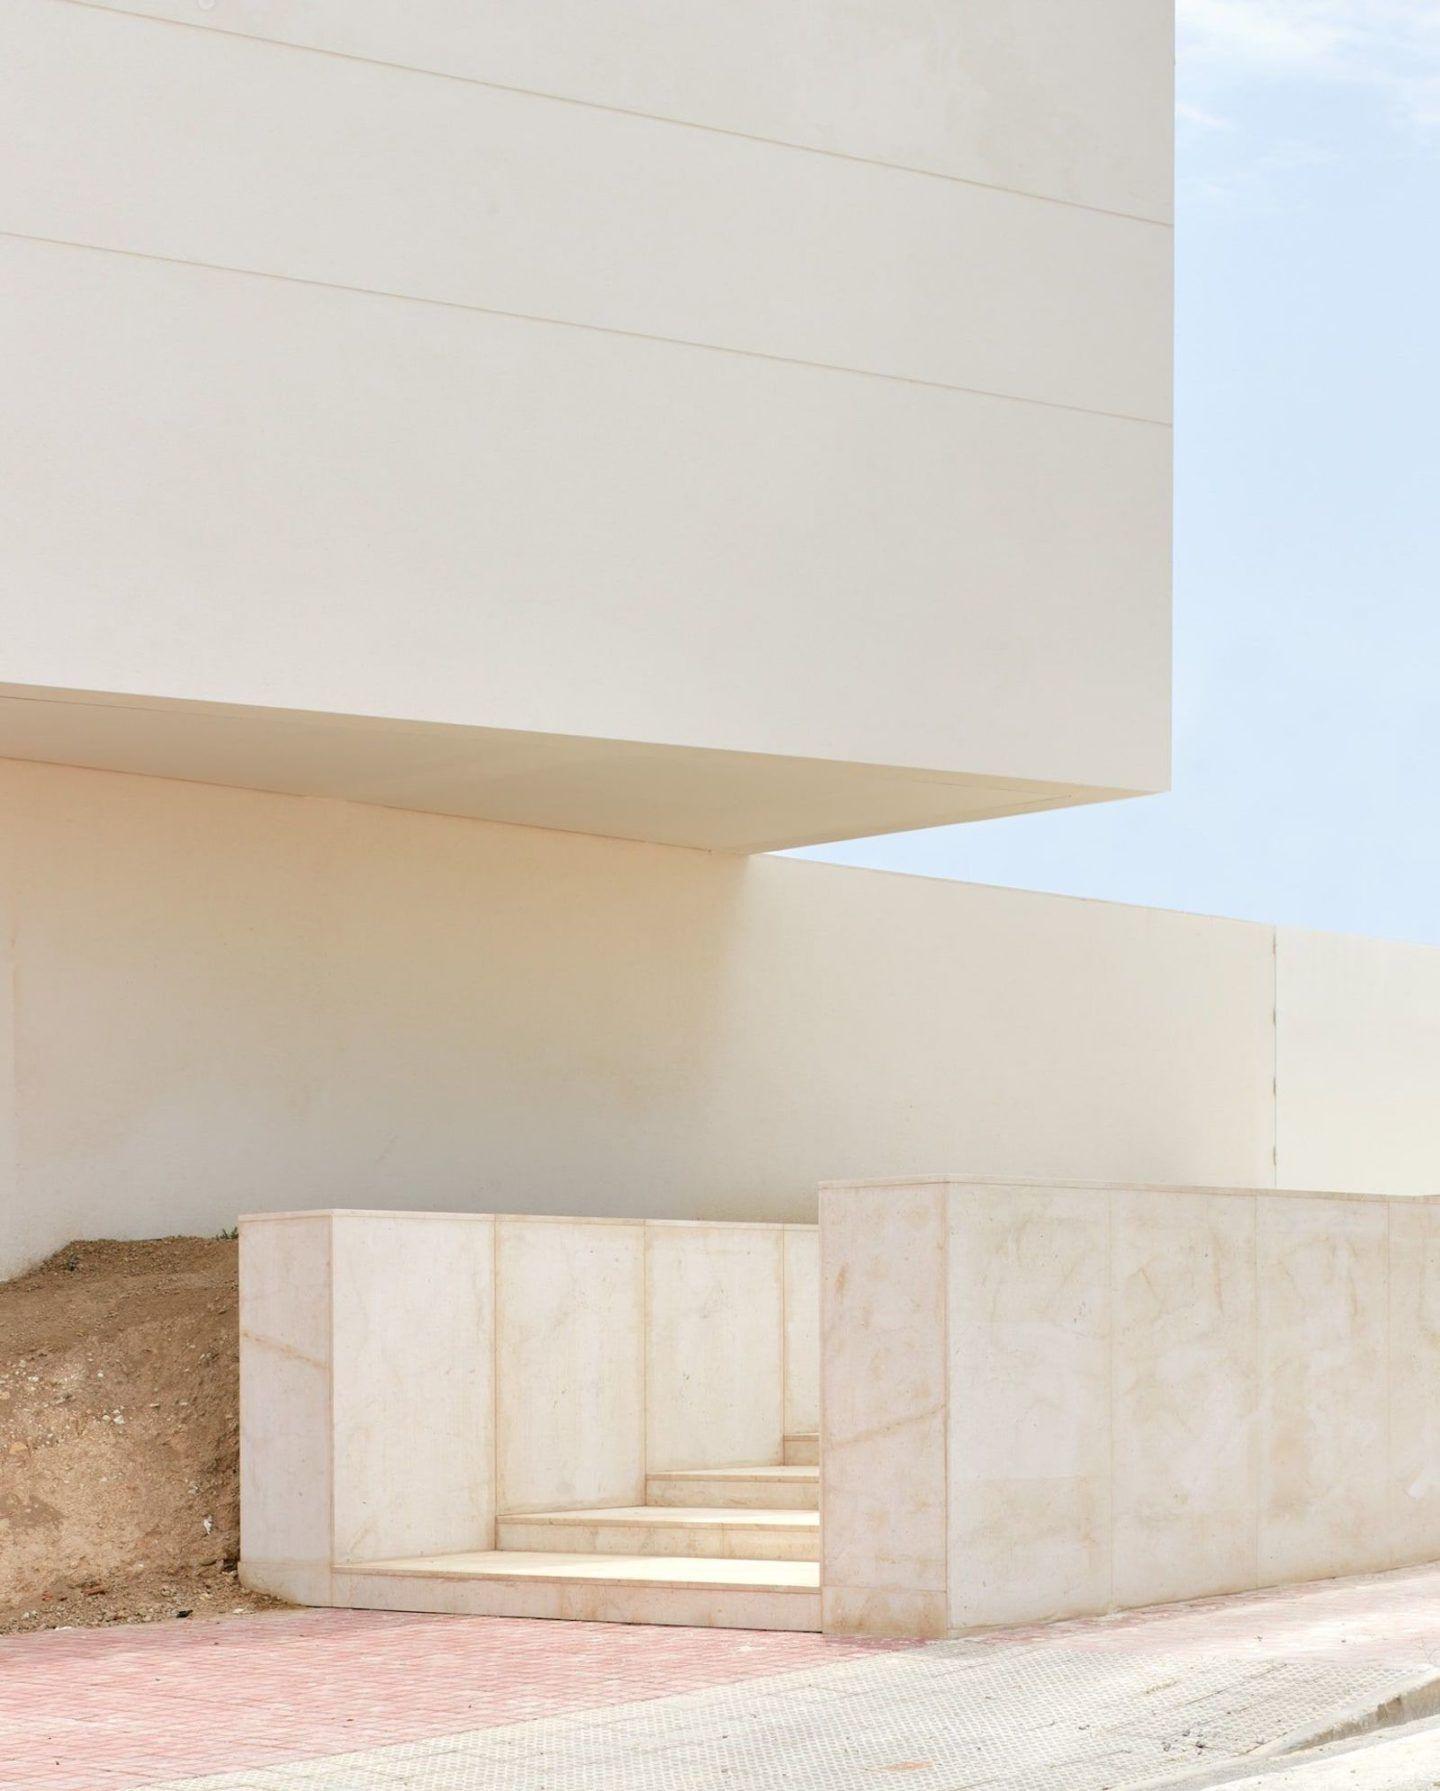 lGNANT-Architecture-Balzar-Arquitectos-Mirasal-002